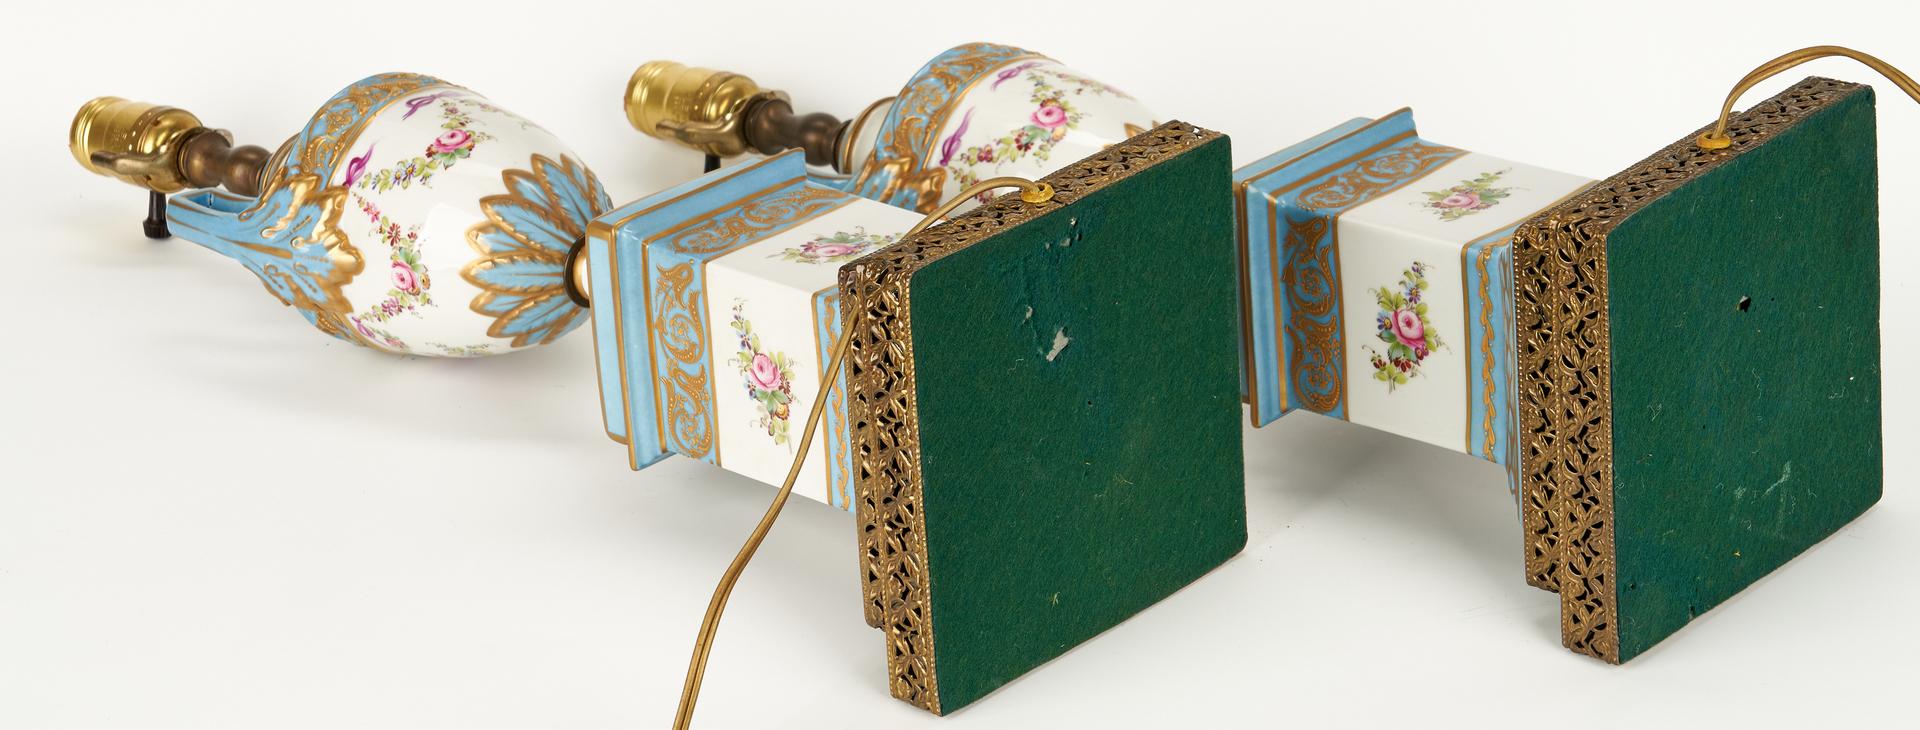 Lot 840: Lamps and decorative porcelain inc. Meissen, 5 items